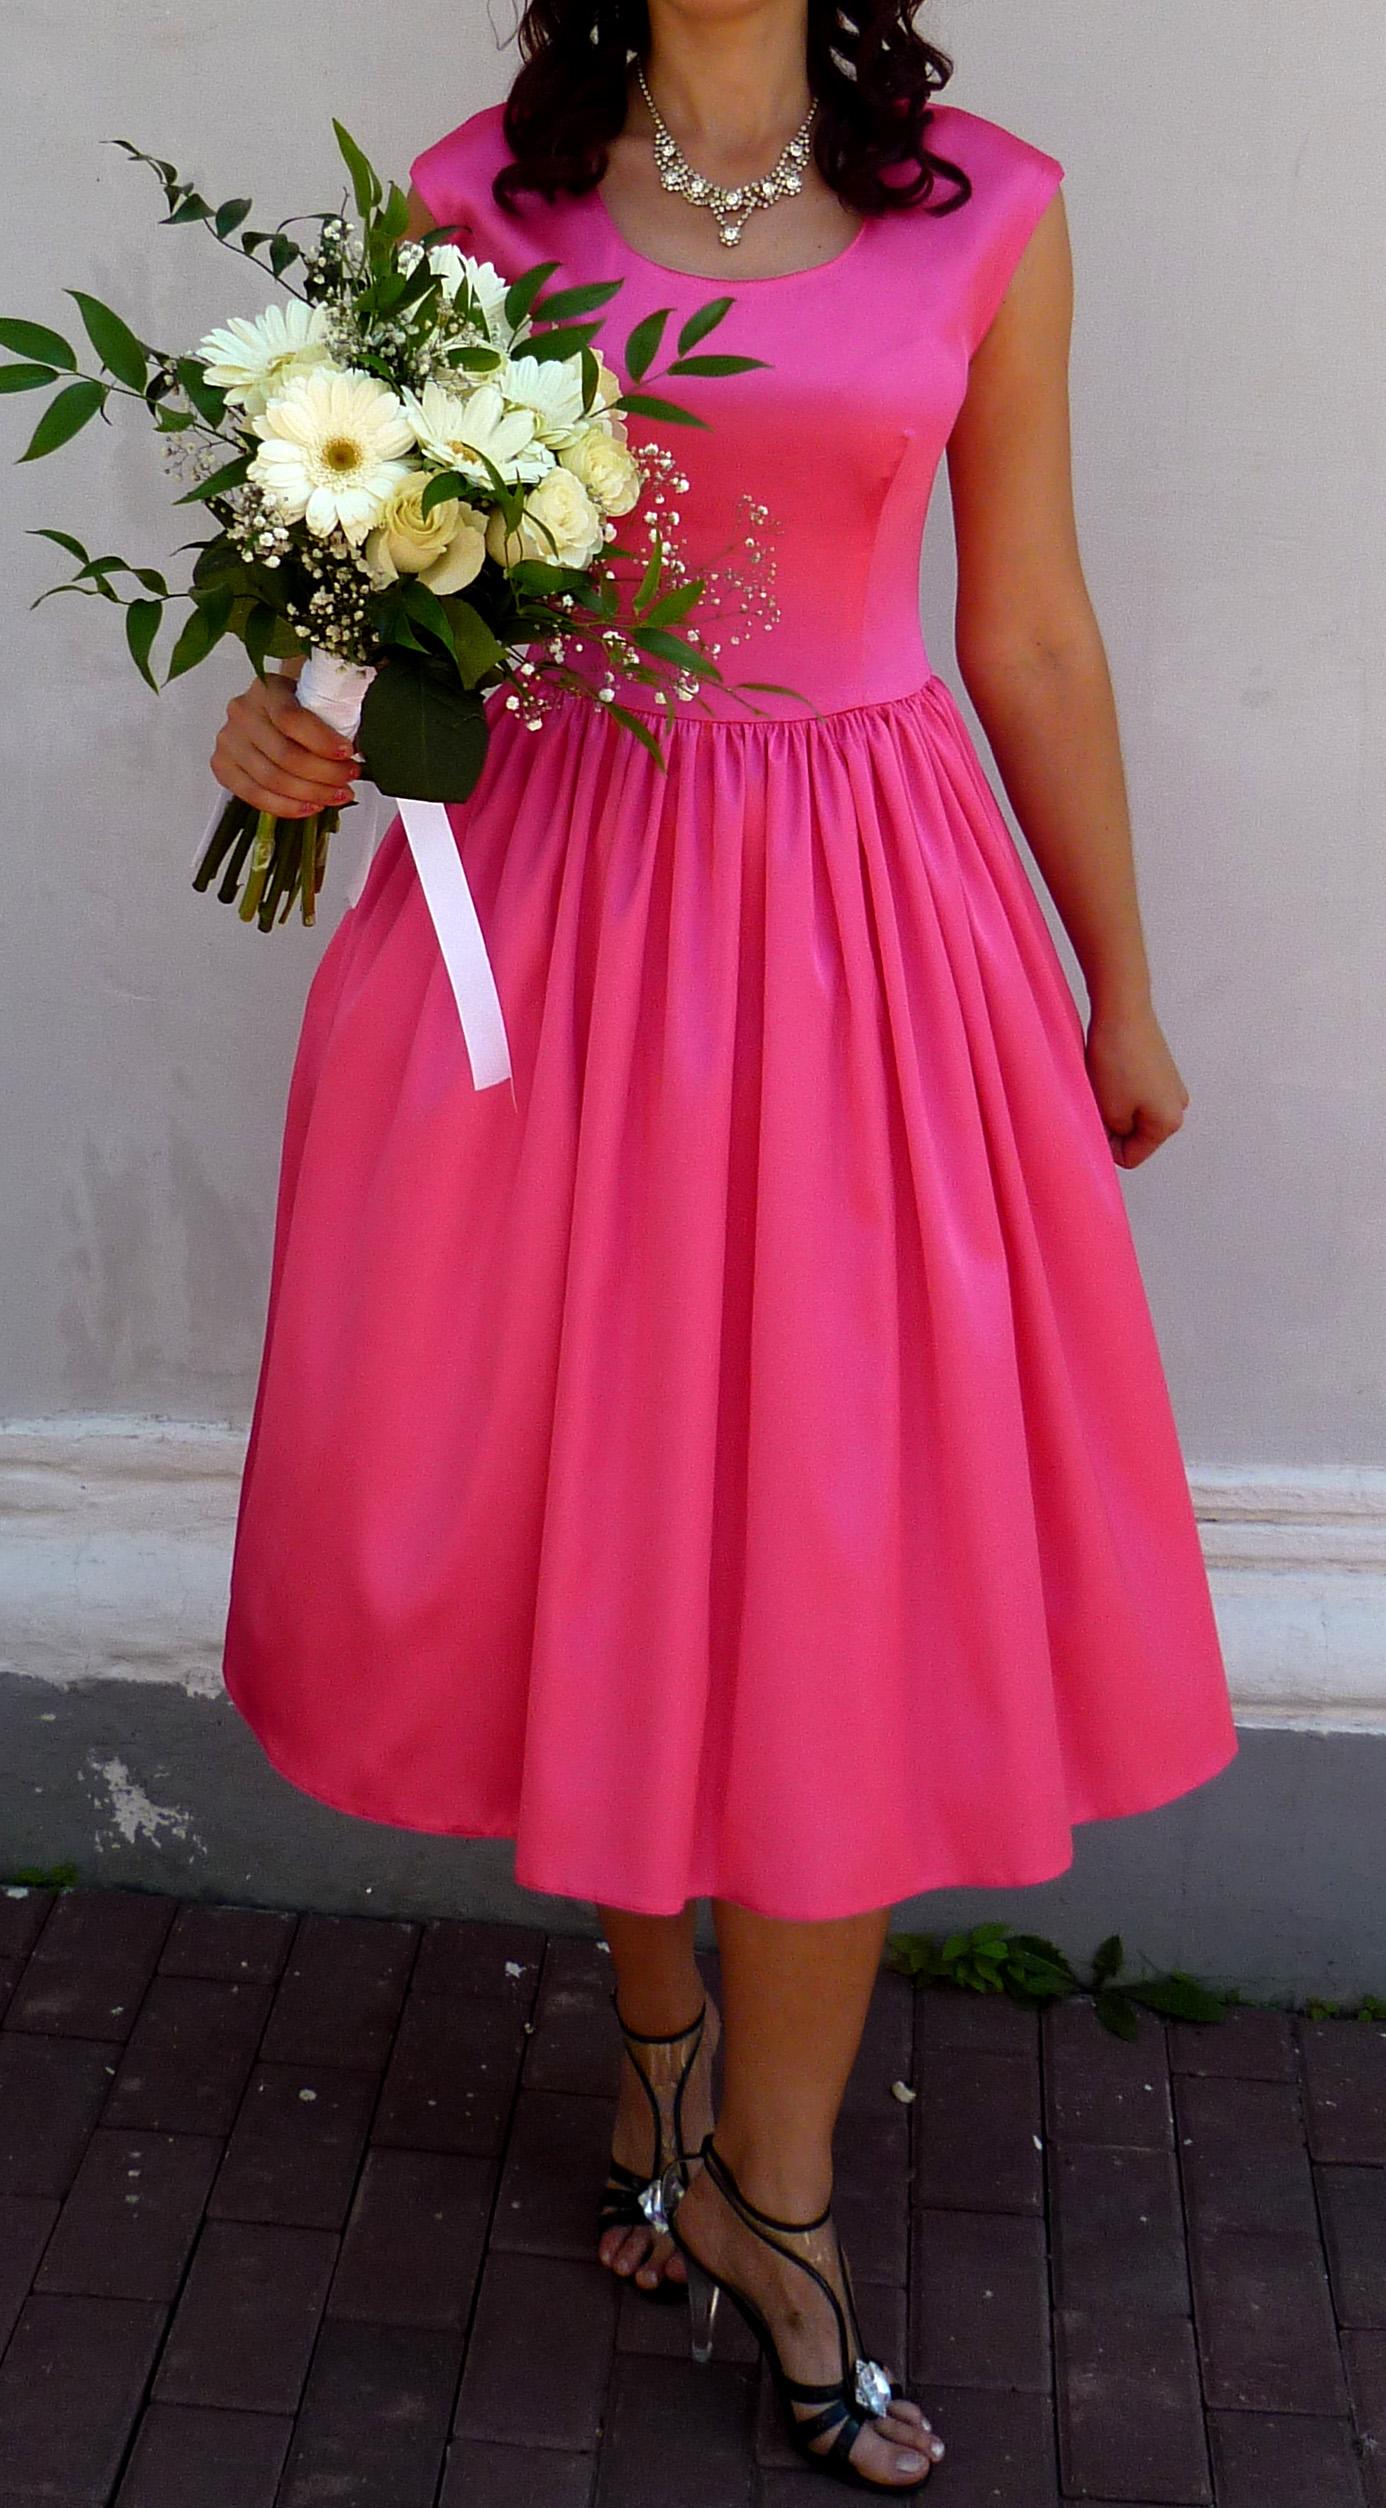 Как сшить платье нью лук своими руками